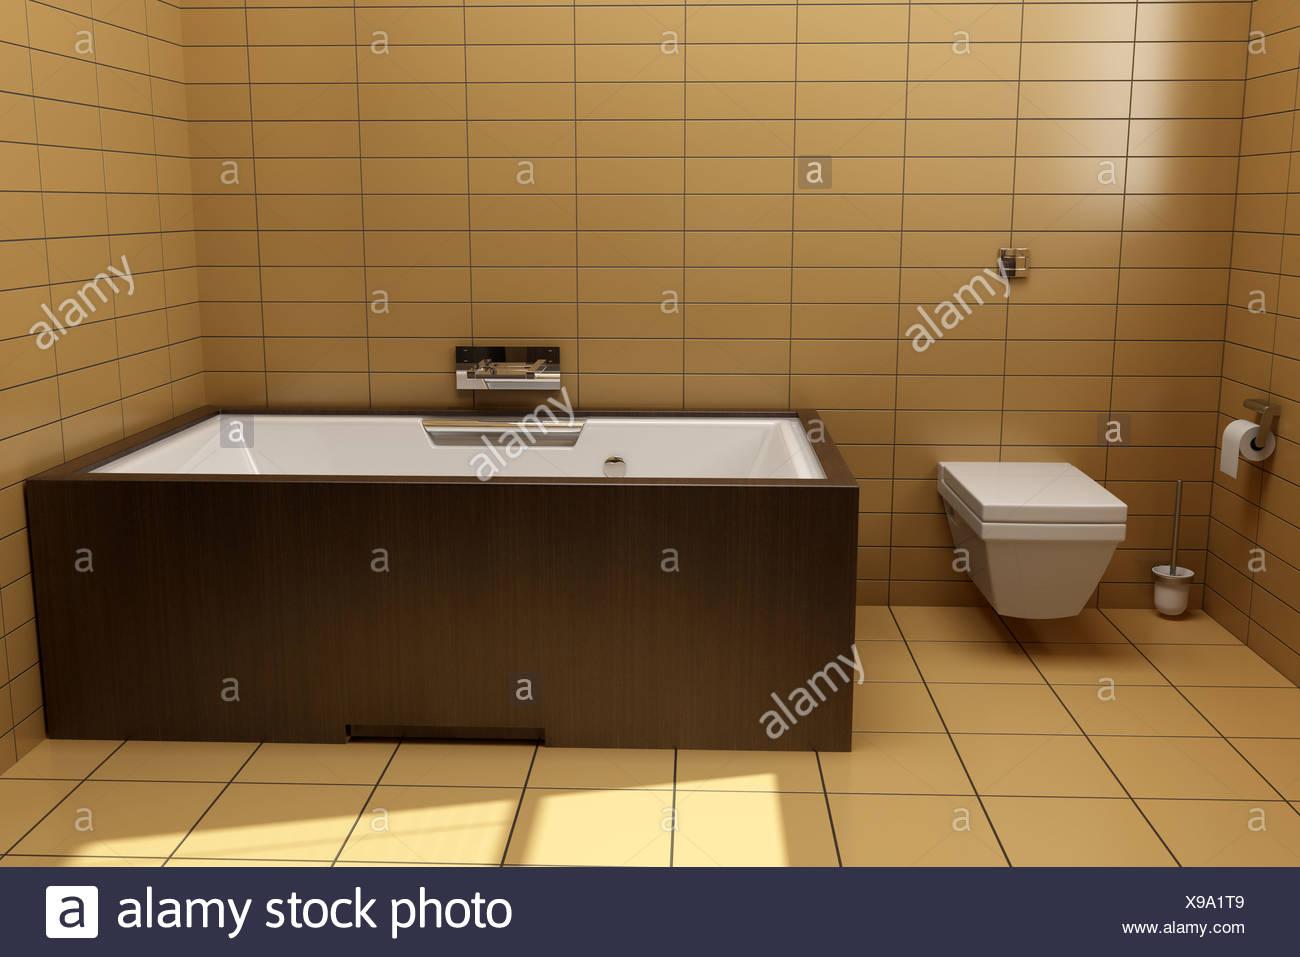 Vasca Da Bagno Giapponese In Legno : Vasca da bagno giapponese in legno: arredamento novità i sanitari in